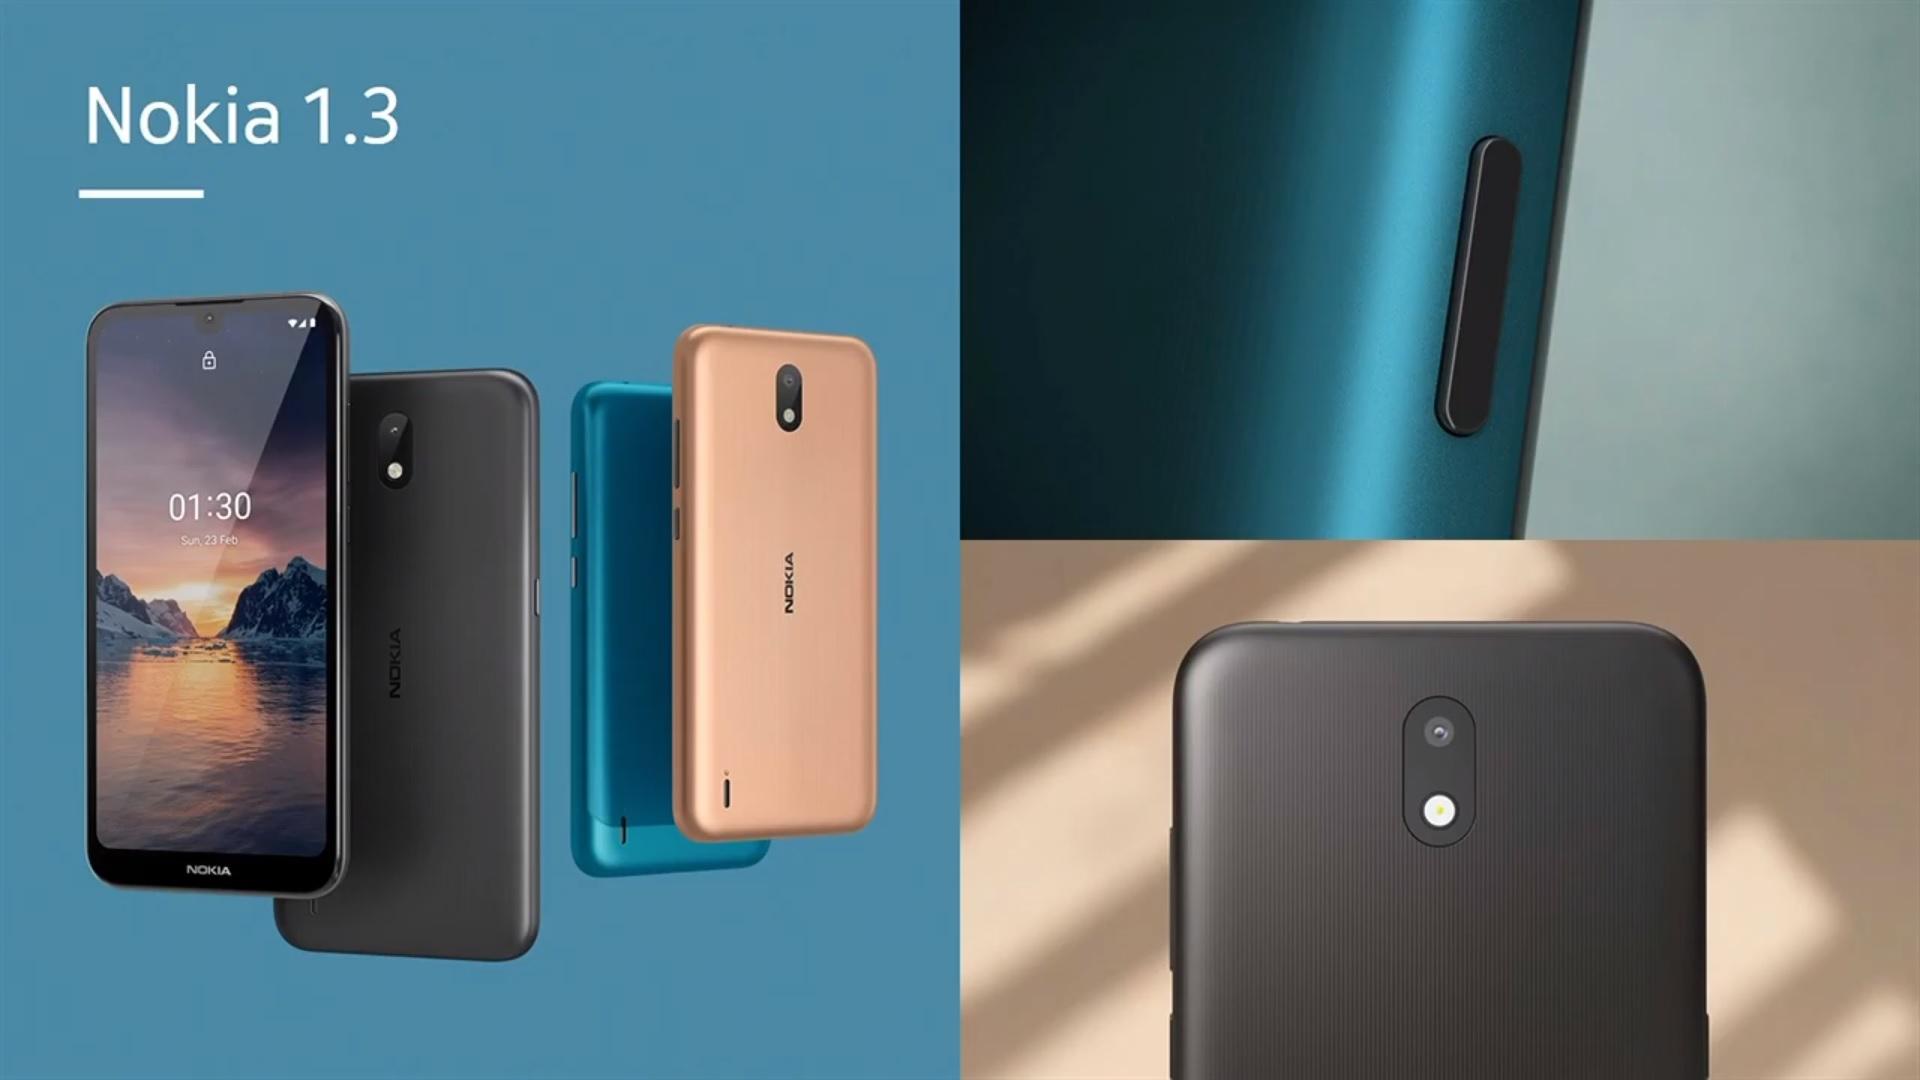 smartfon Nokia 1.3 wkrótce doczeka się następcy w postaci modelu Nokia 1.4